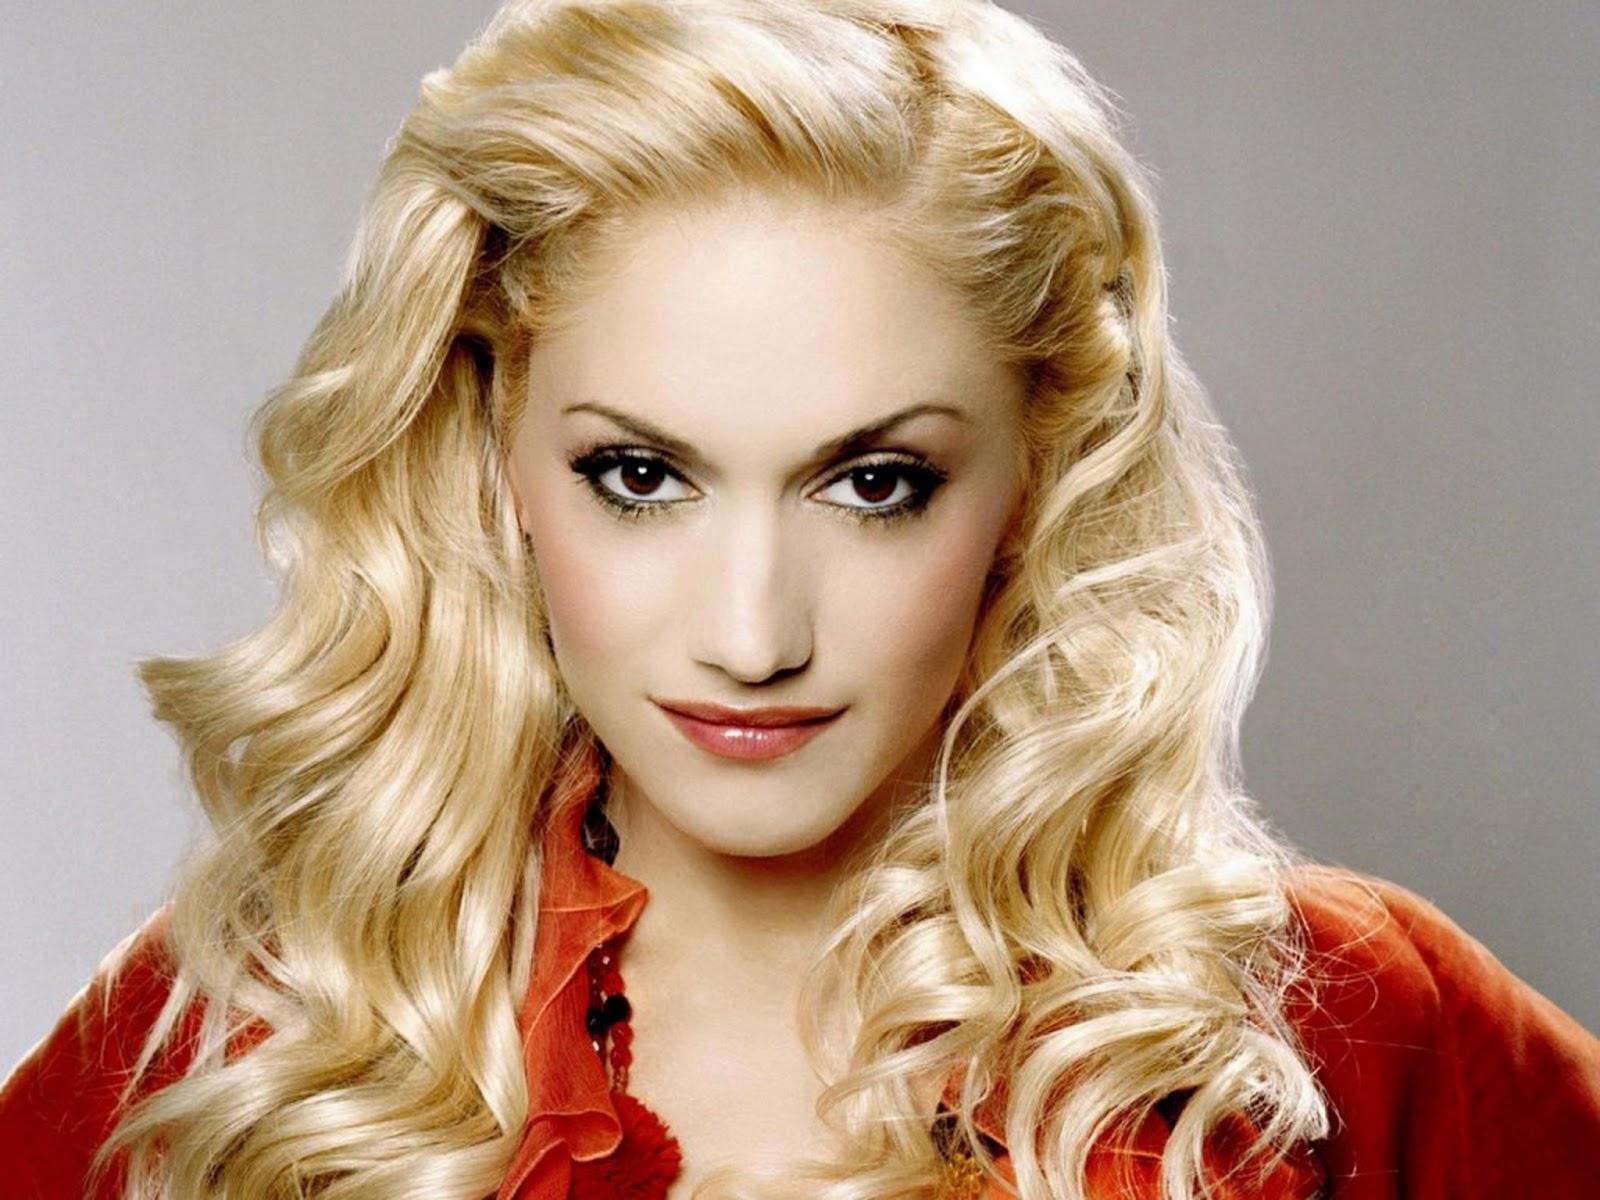 Wikimise: Gwen Stefani wiki and pics гвен стефани